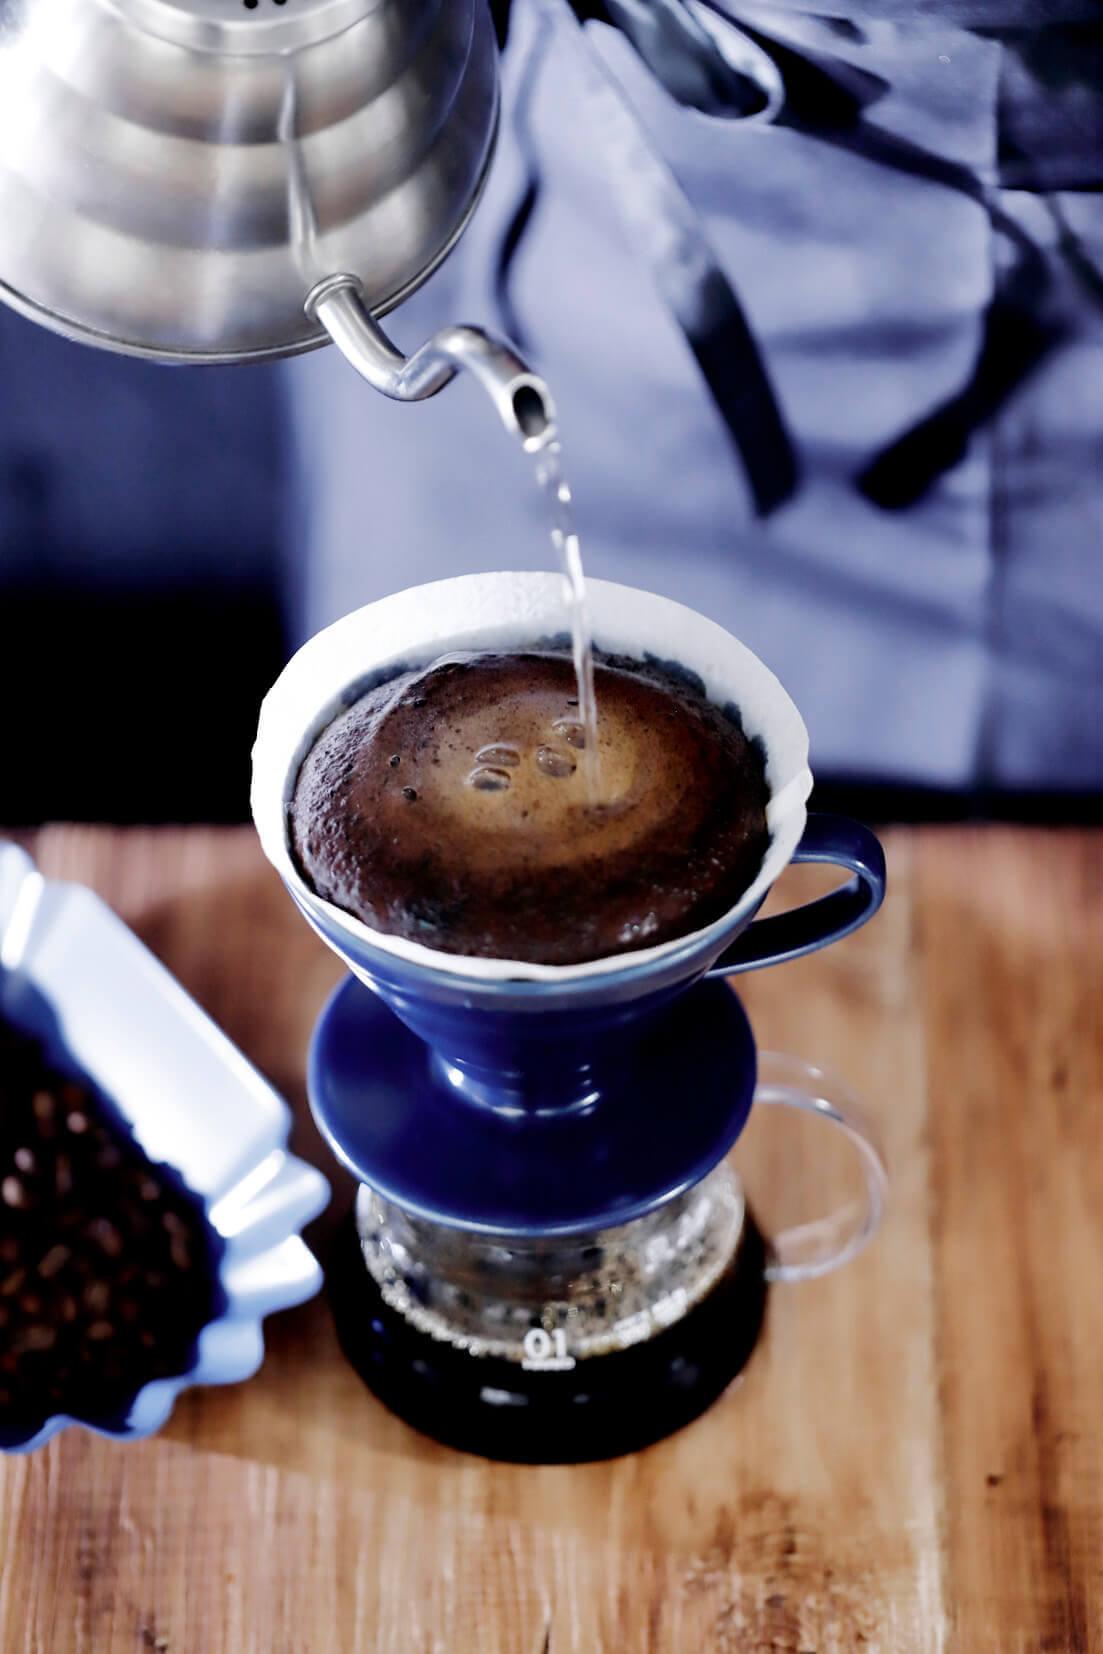 Scrop COFFEE ROASTERS(スクロップ コーヒー ロースターズ )のハンドドリップの様子